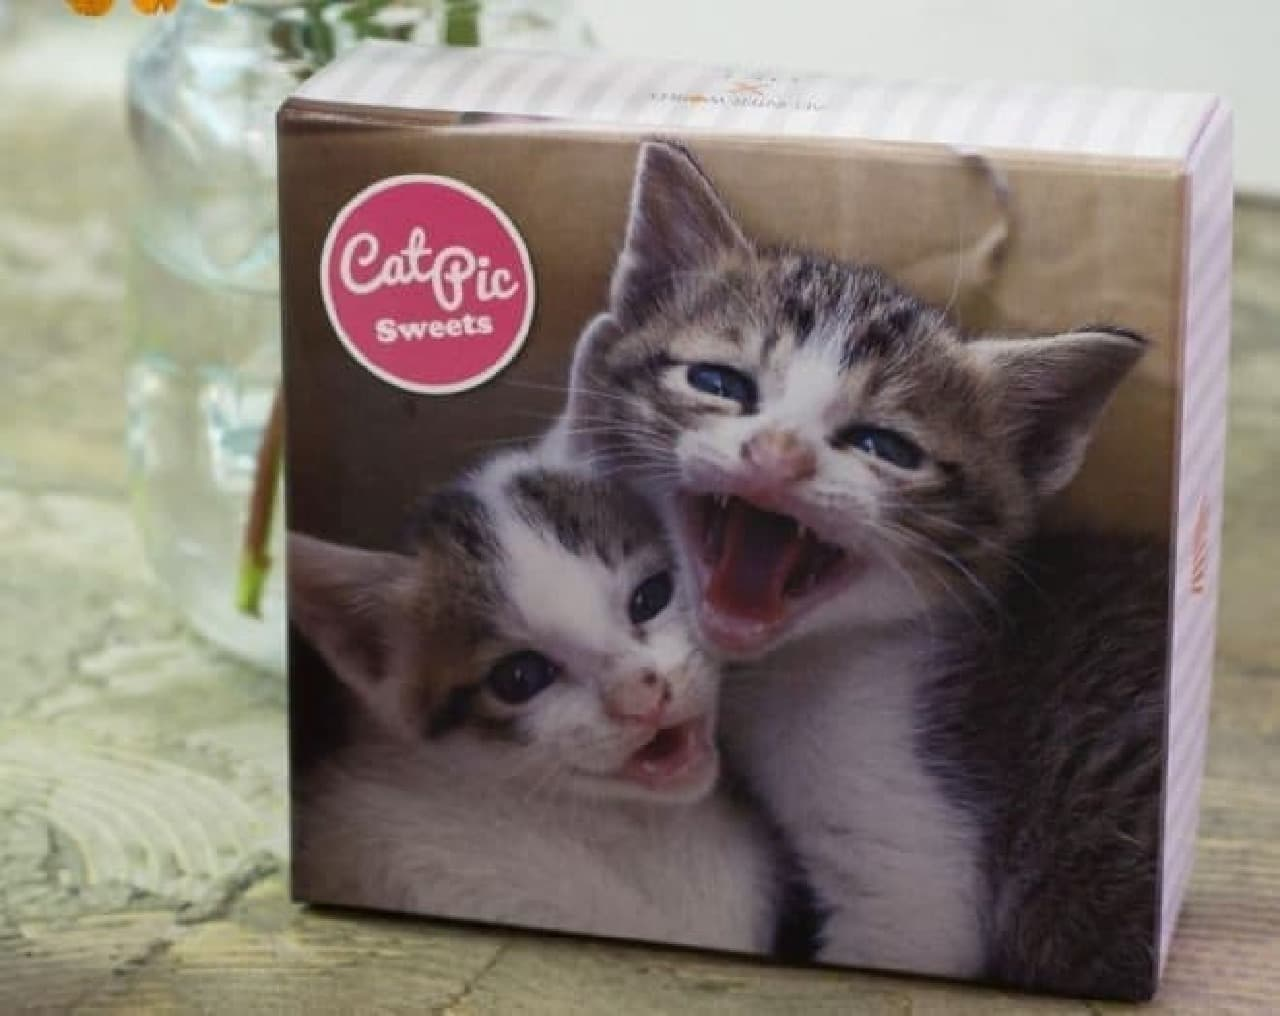 『必死すぎるネコ』の沖昌之さん撮影のネコたちがパッケージの「CAT PICクッキーズ」